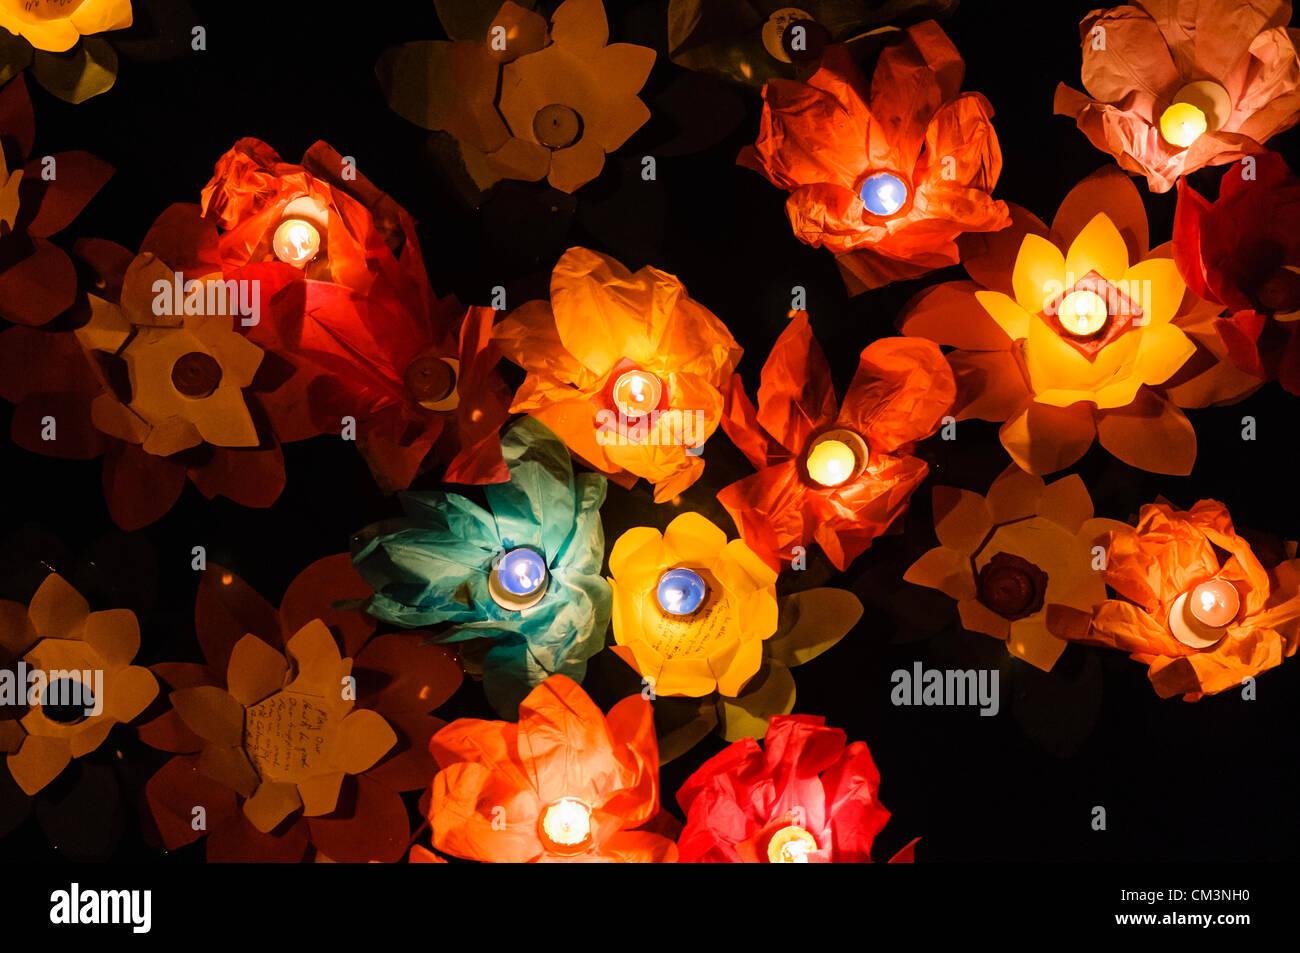 Carta fiori di loto con candele galleggiante sulle rive di un fiume di notte per contrassegnare i cinesi Mid-Autumn Foto Stock